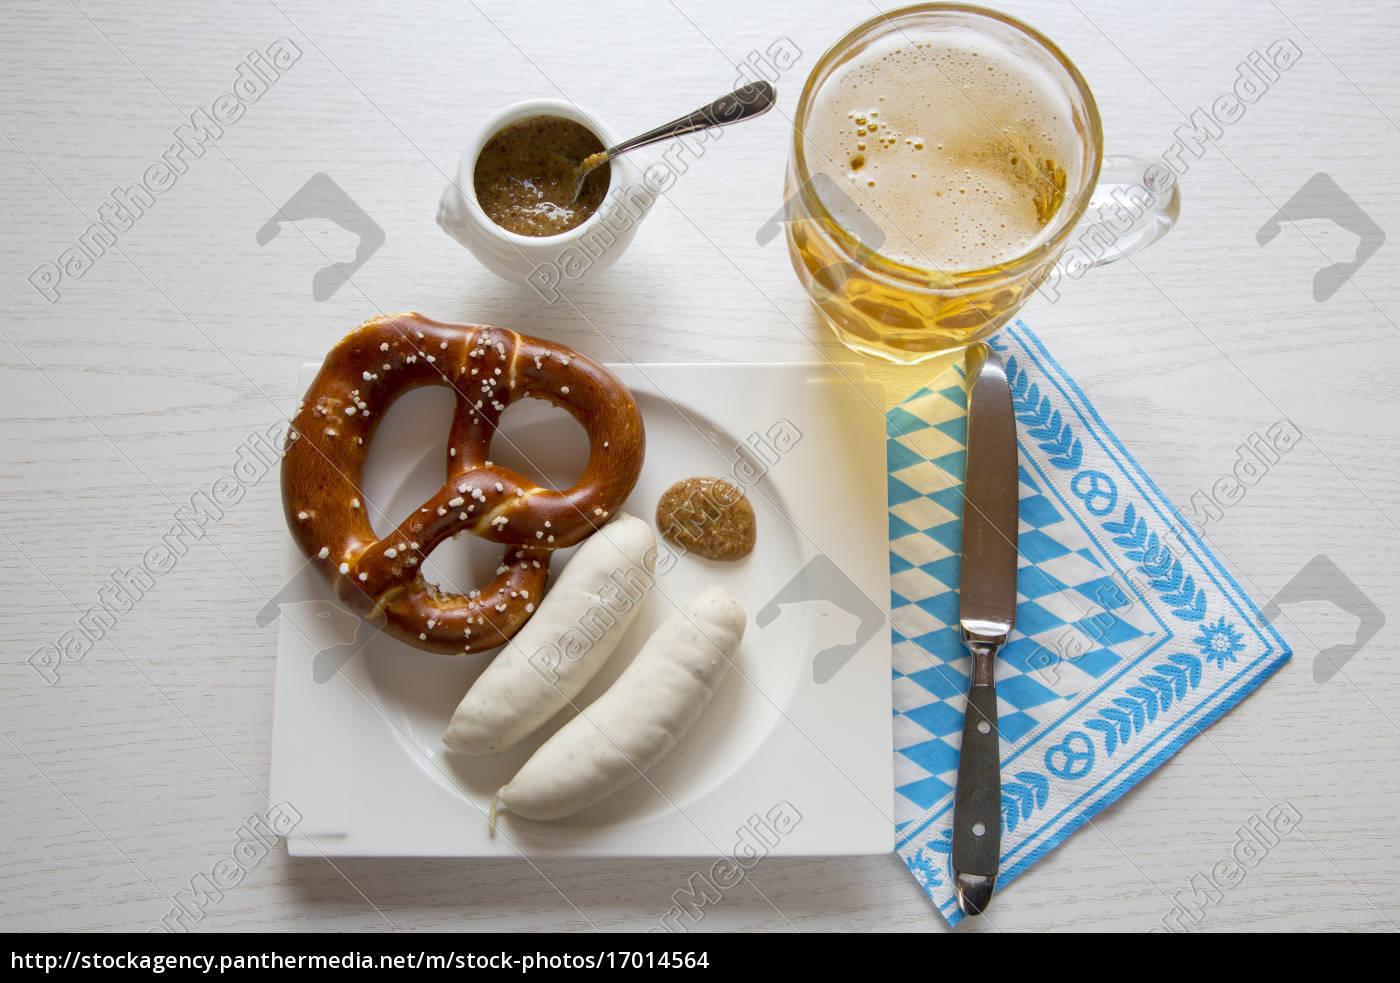 kiełbasa, z, preztelem, na, talerzu, i - 17014564